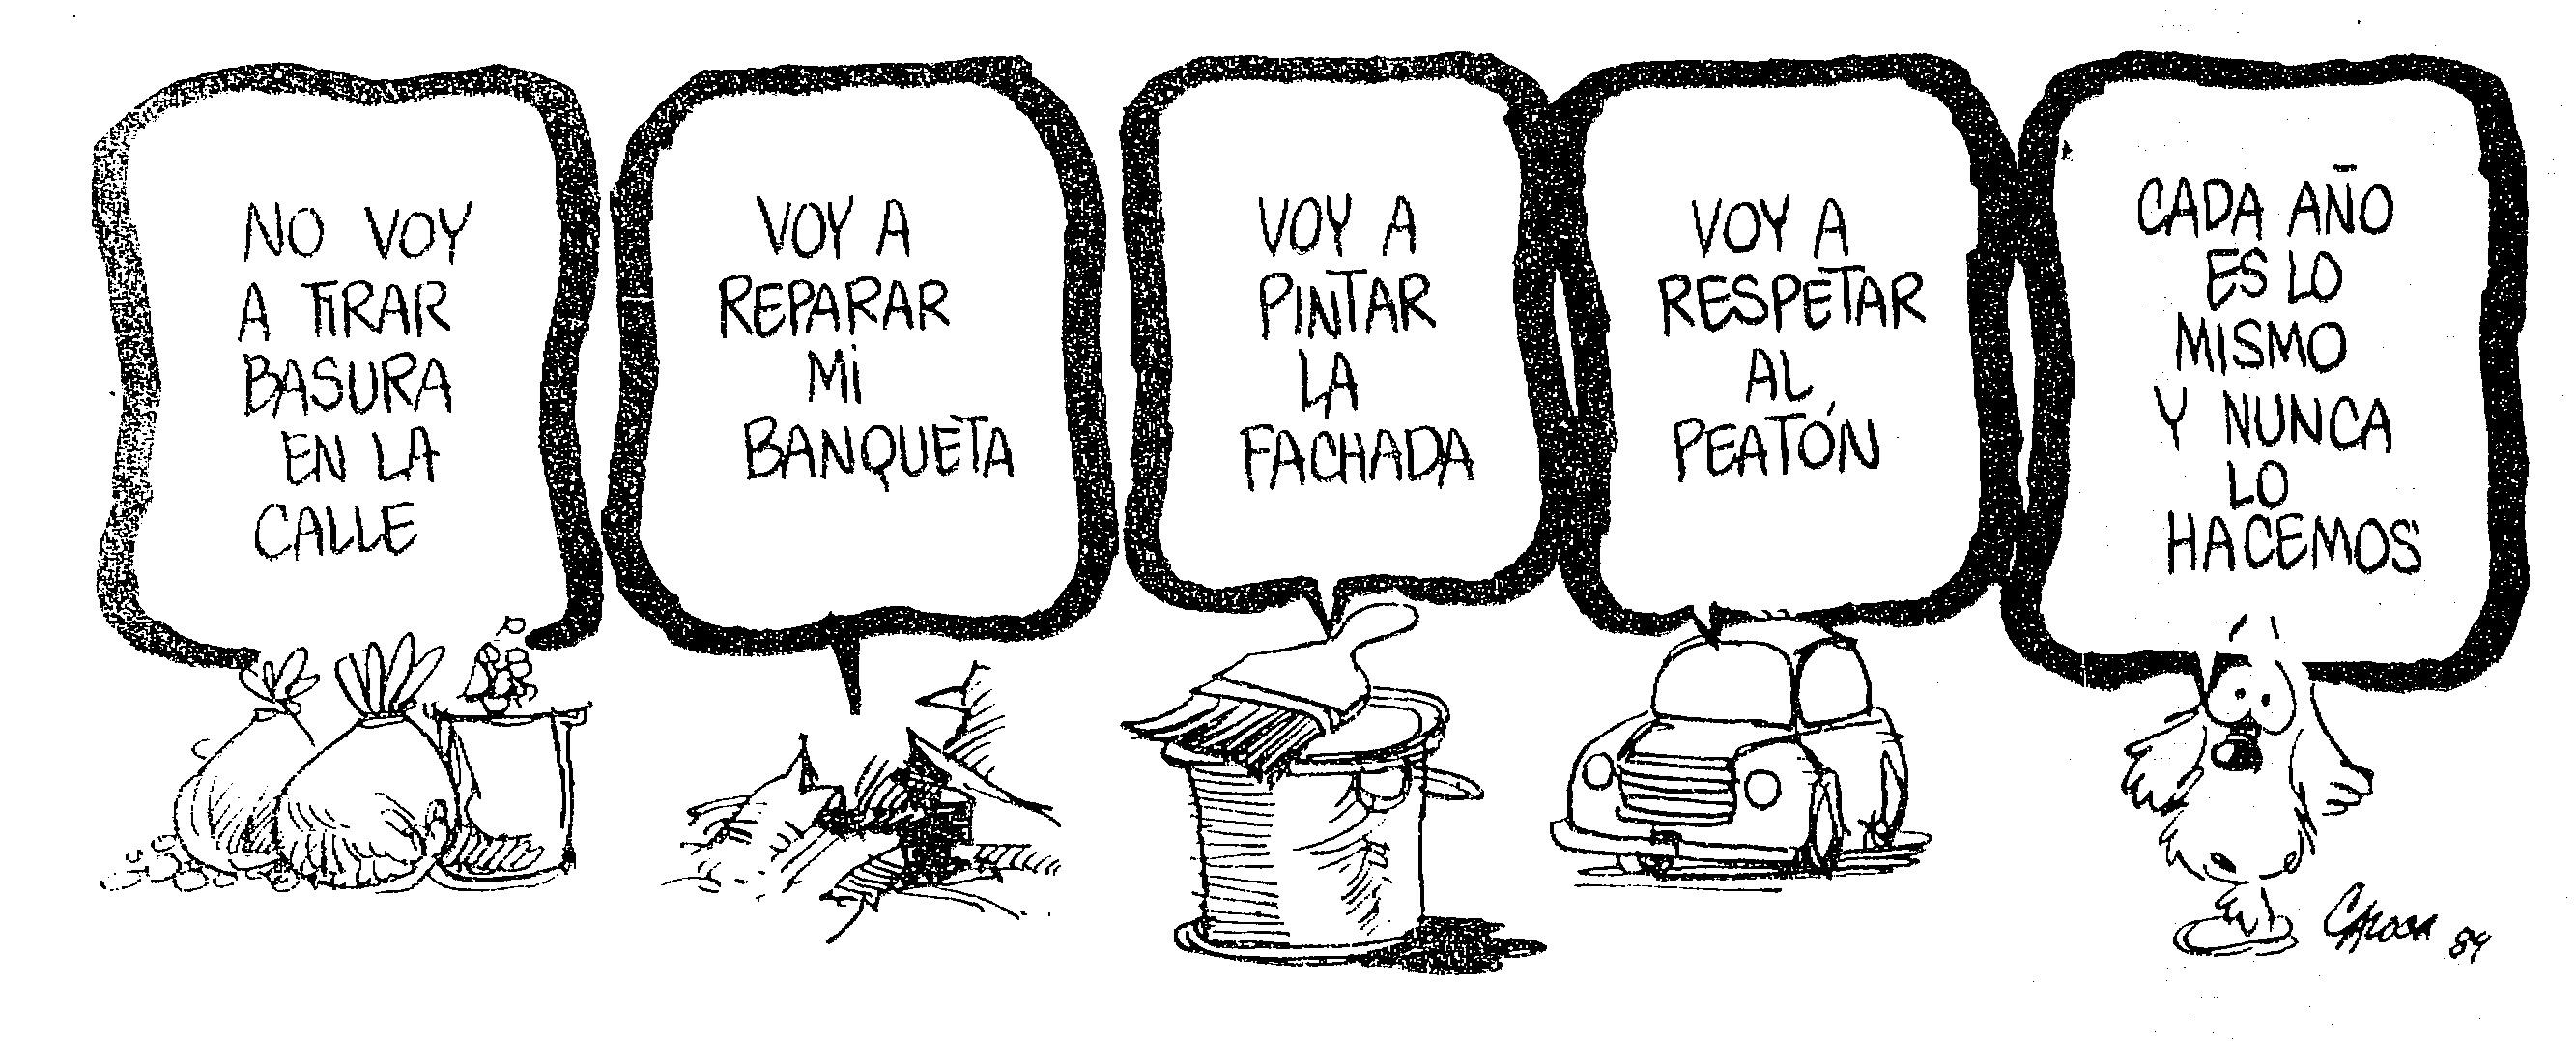 Hace 21 a os visi n de rodolfo caloca el blog de alvaro Lavado y desinfeccion de utensilios de cocina